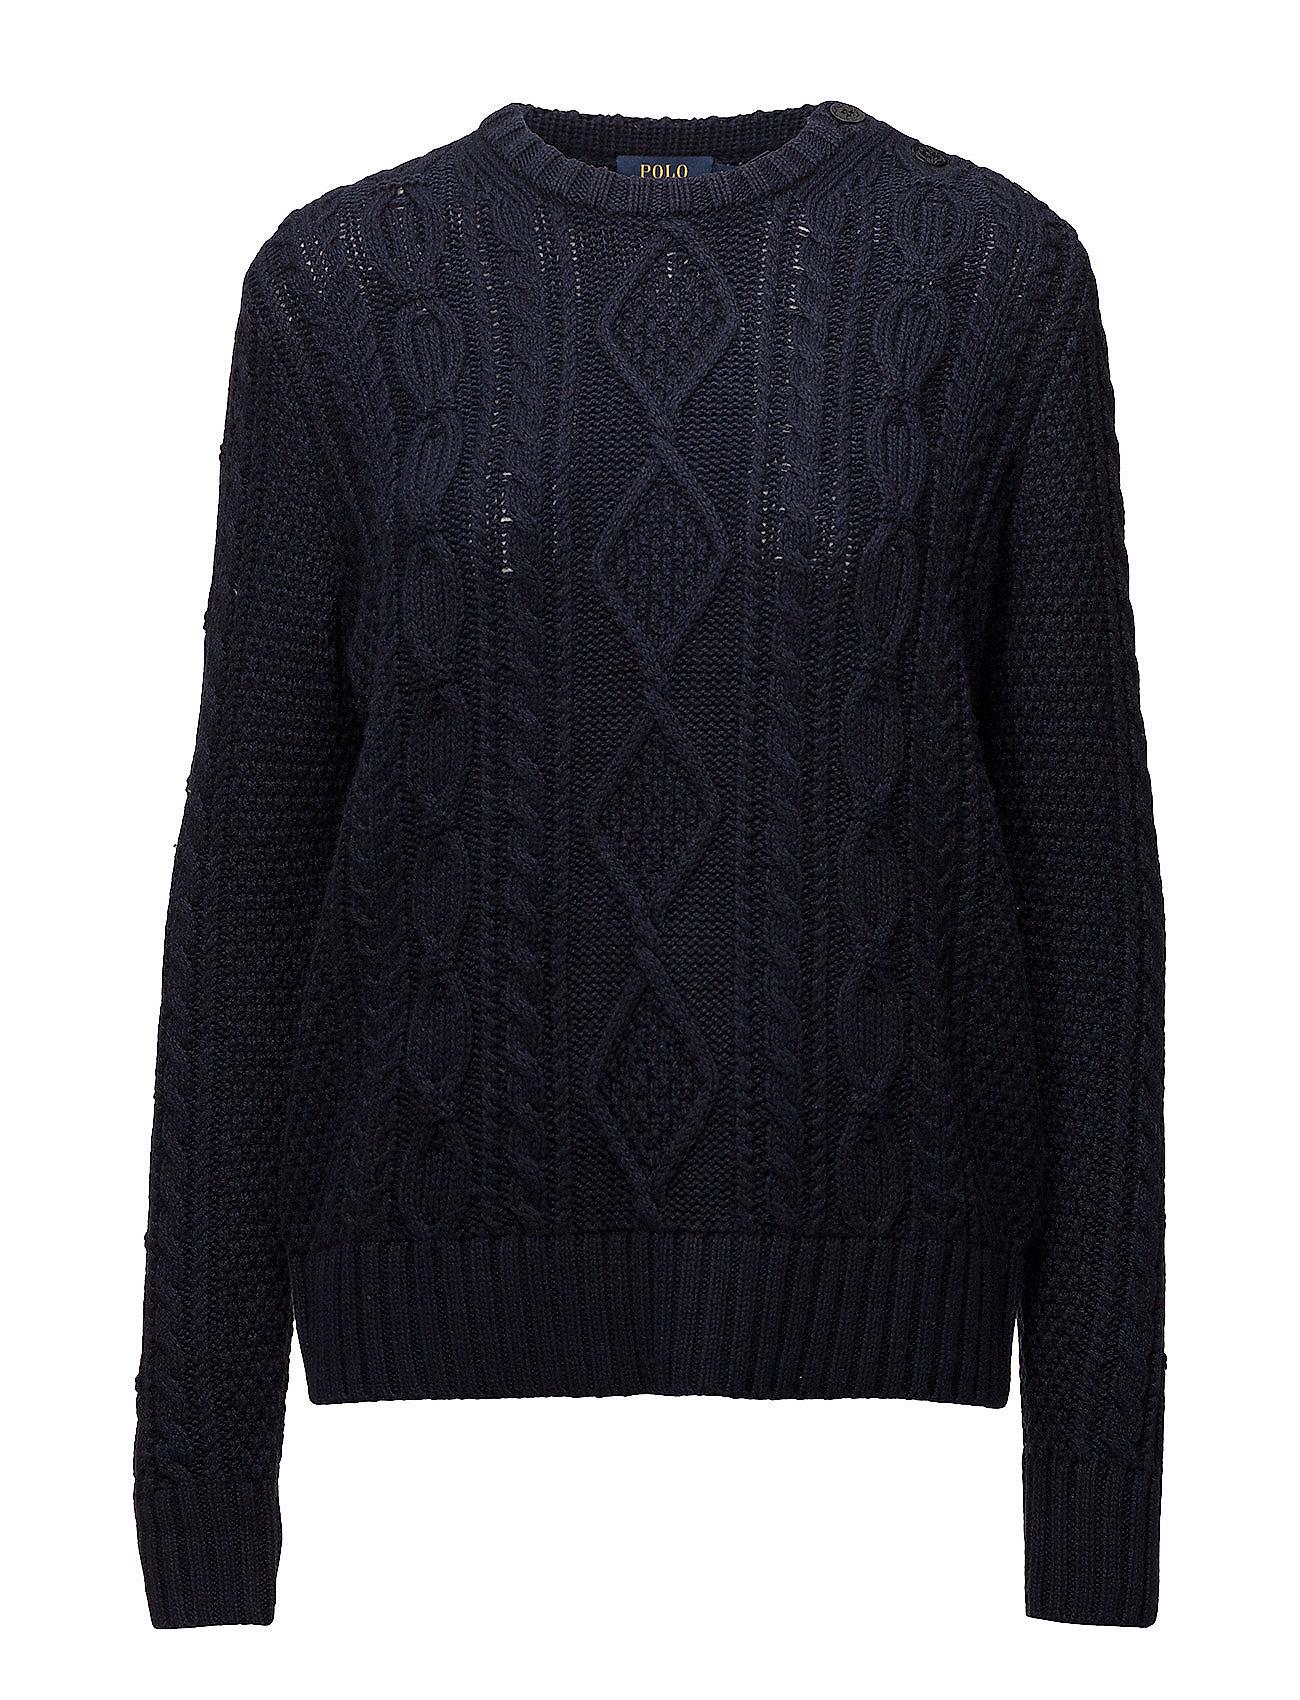 1de0bcb2cd2427 Aran-knit Buttoned Sweater (Hunter Navy) (119.40 €) - Polo Ralph ...